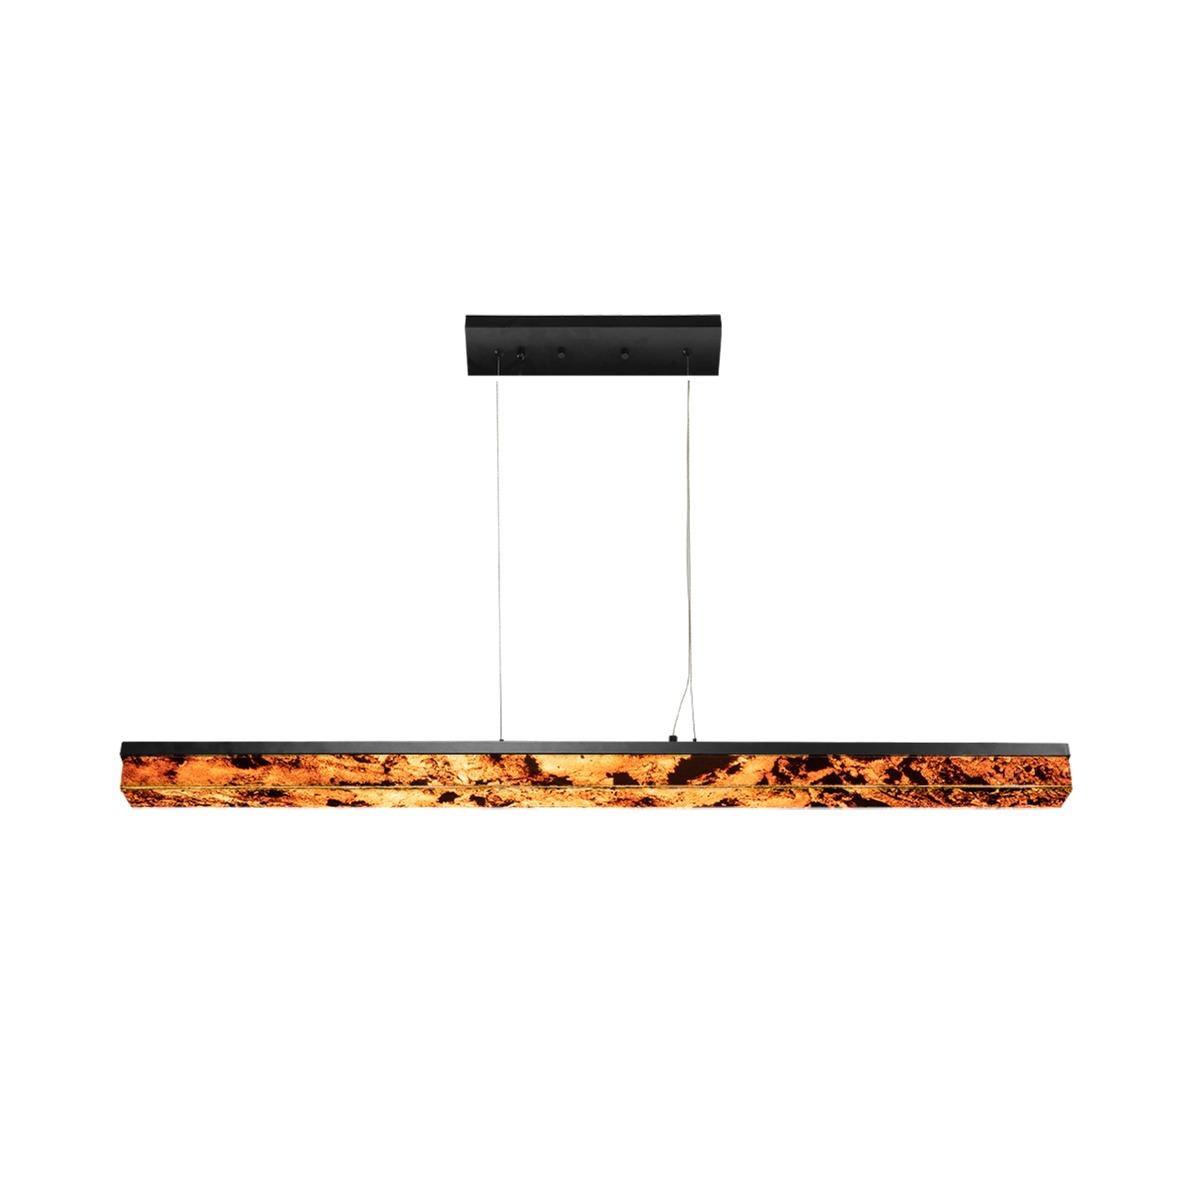 Designerska lampa wisząca ABIGALI - MPLS-6602-606R